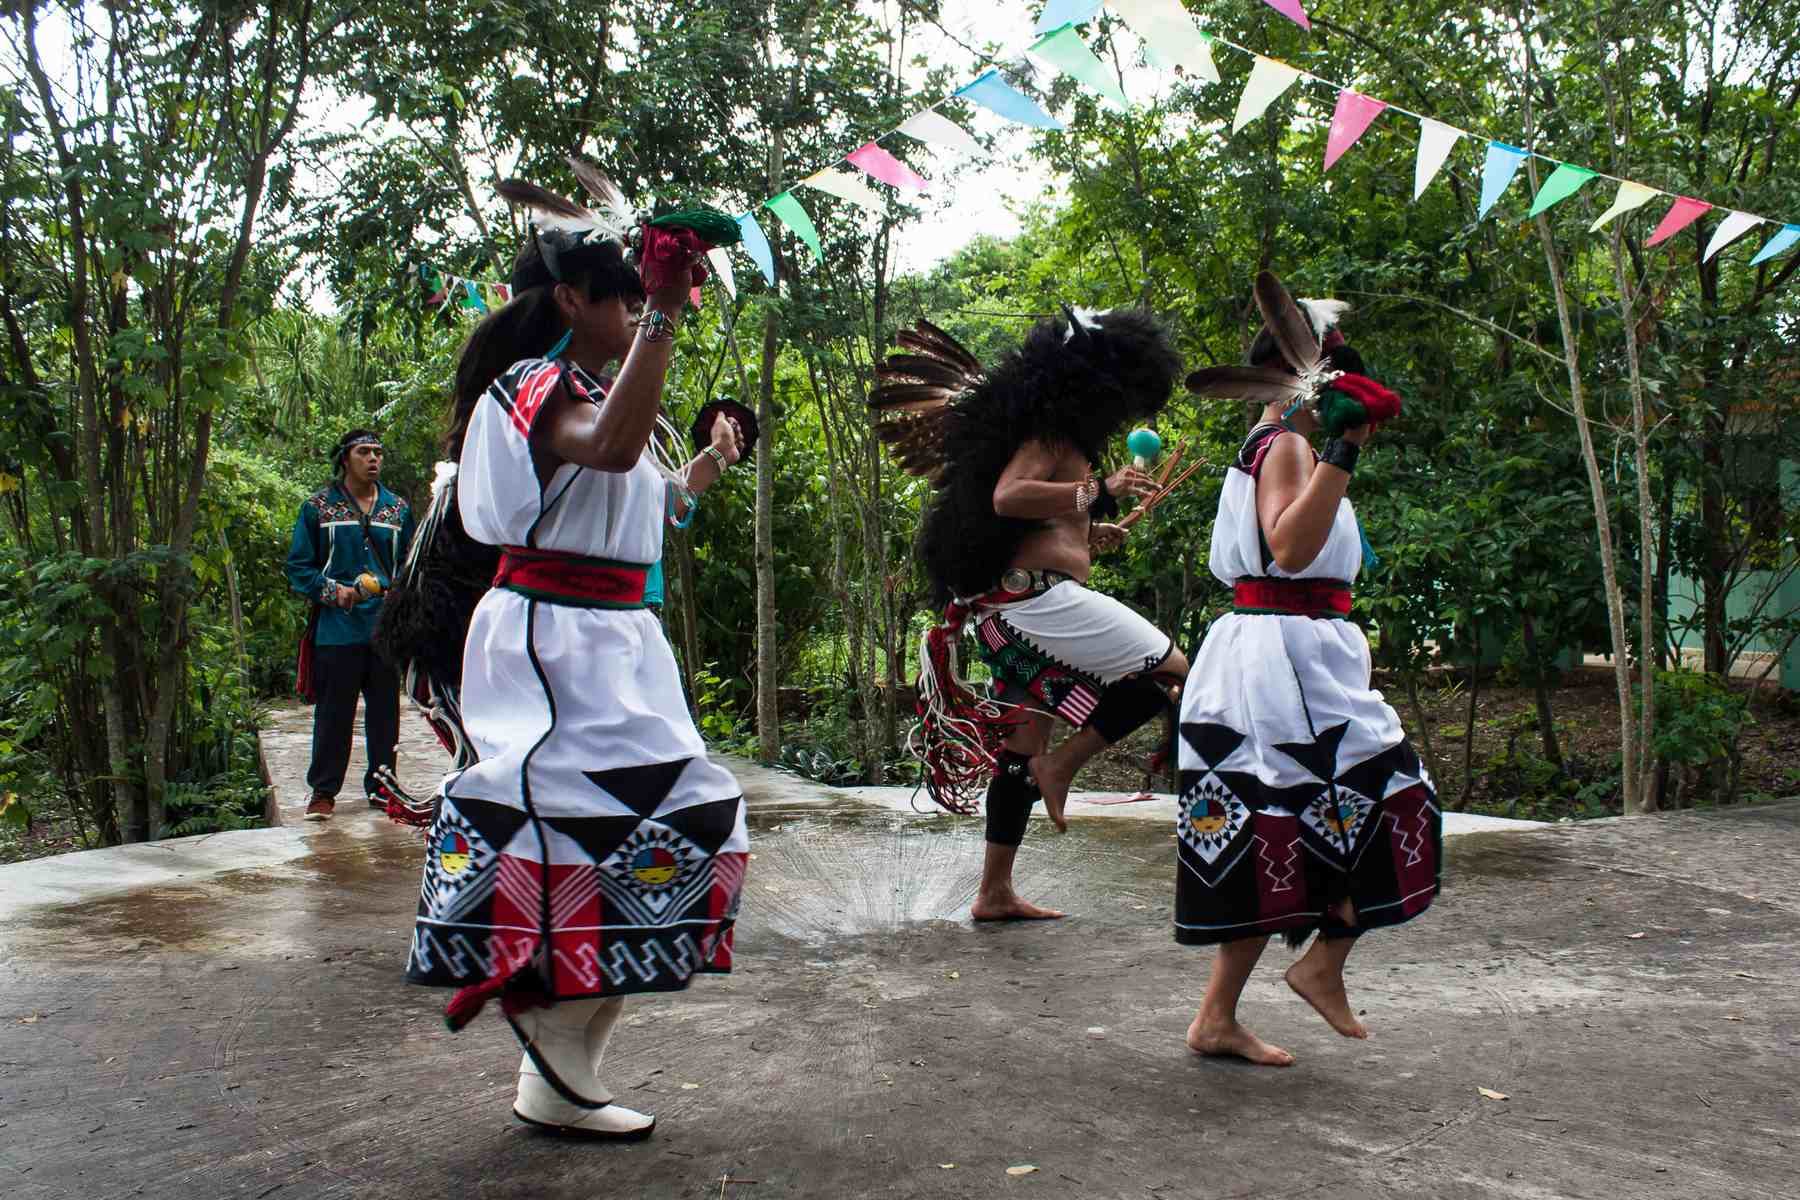 Pueblo buffalo dancers